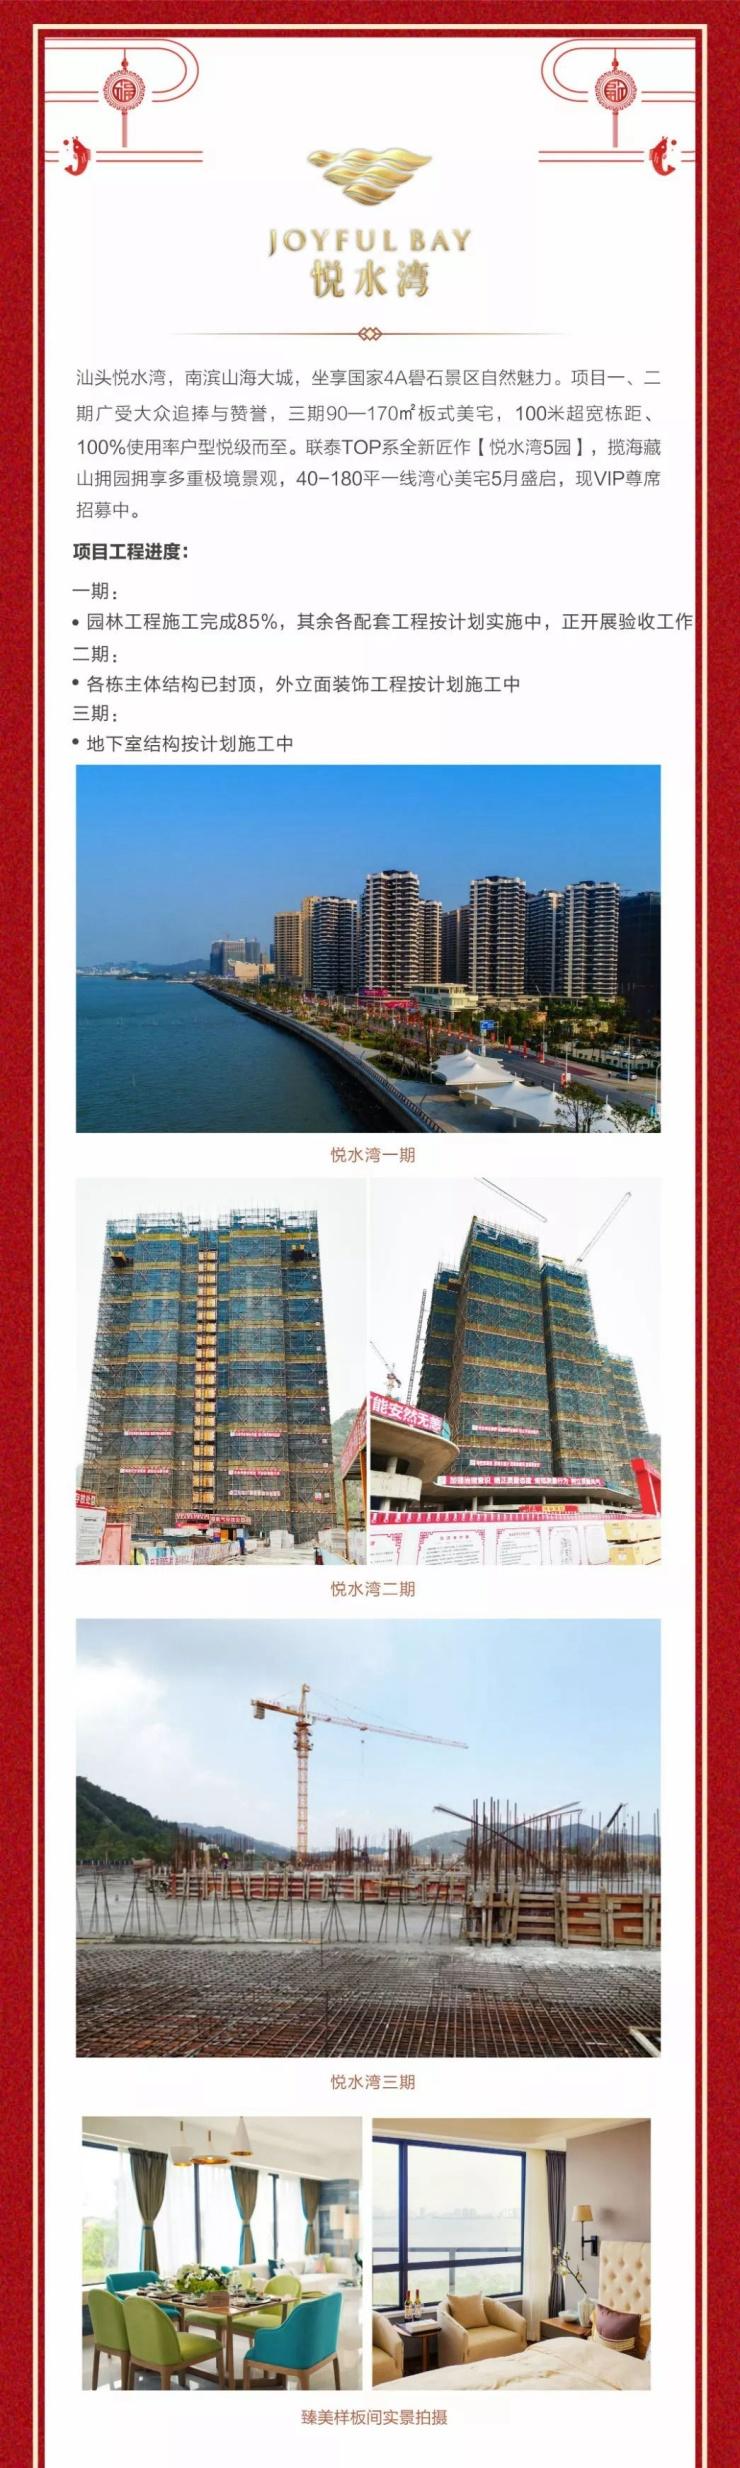 汕头联泰地产6大楼盘最新进展播报:悦水湾一期即将验收,二期外立面